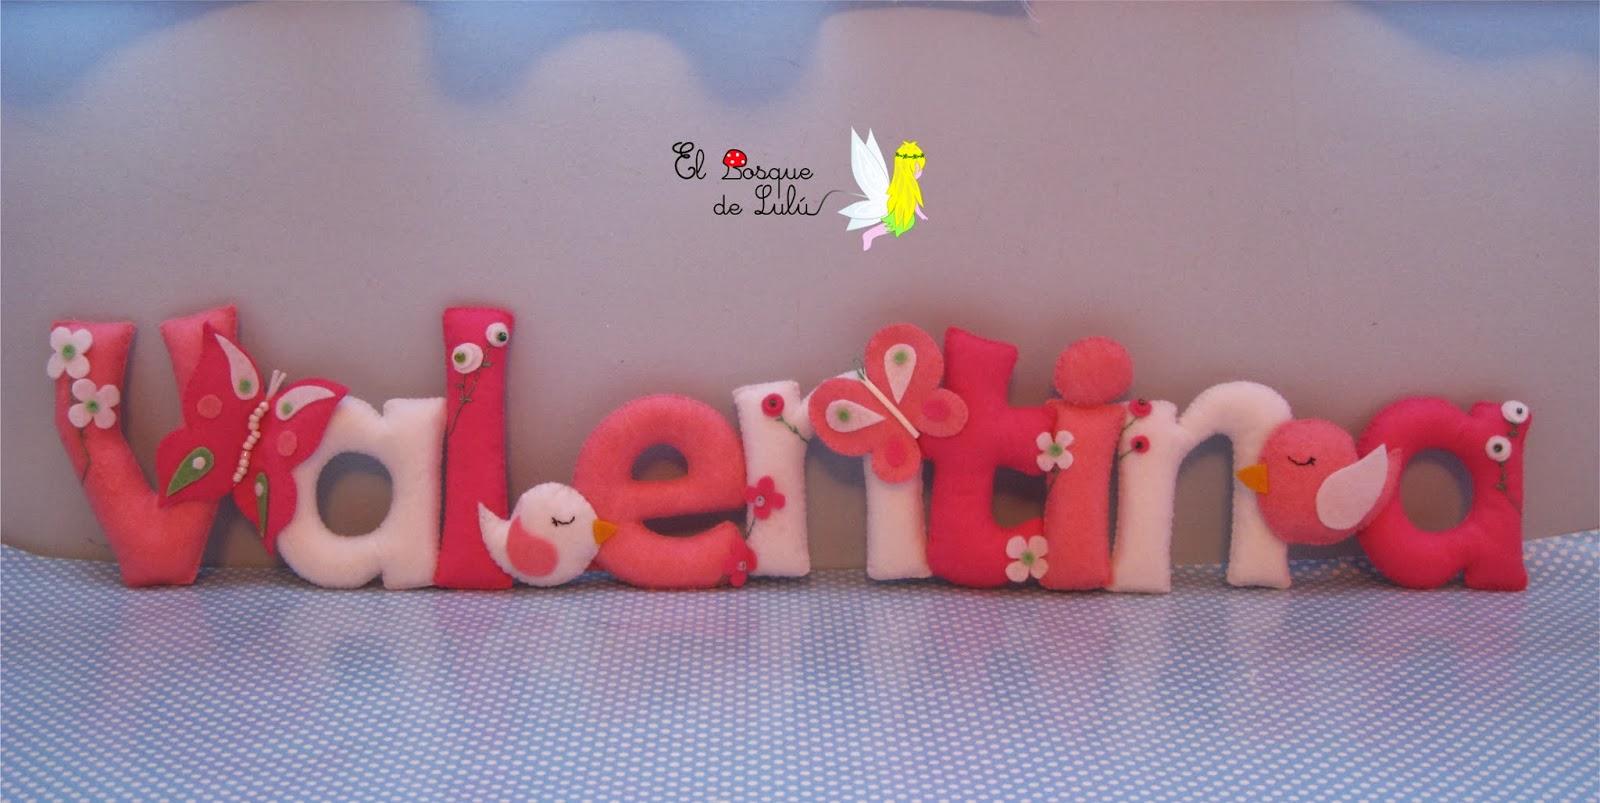 El bosque de lul nombre decorativo en fieltro para valentina - Letras infantiles para puertas ...